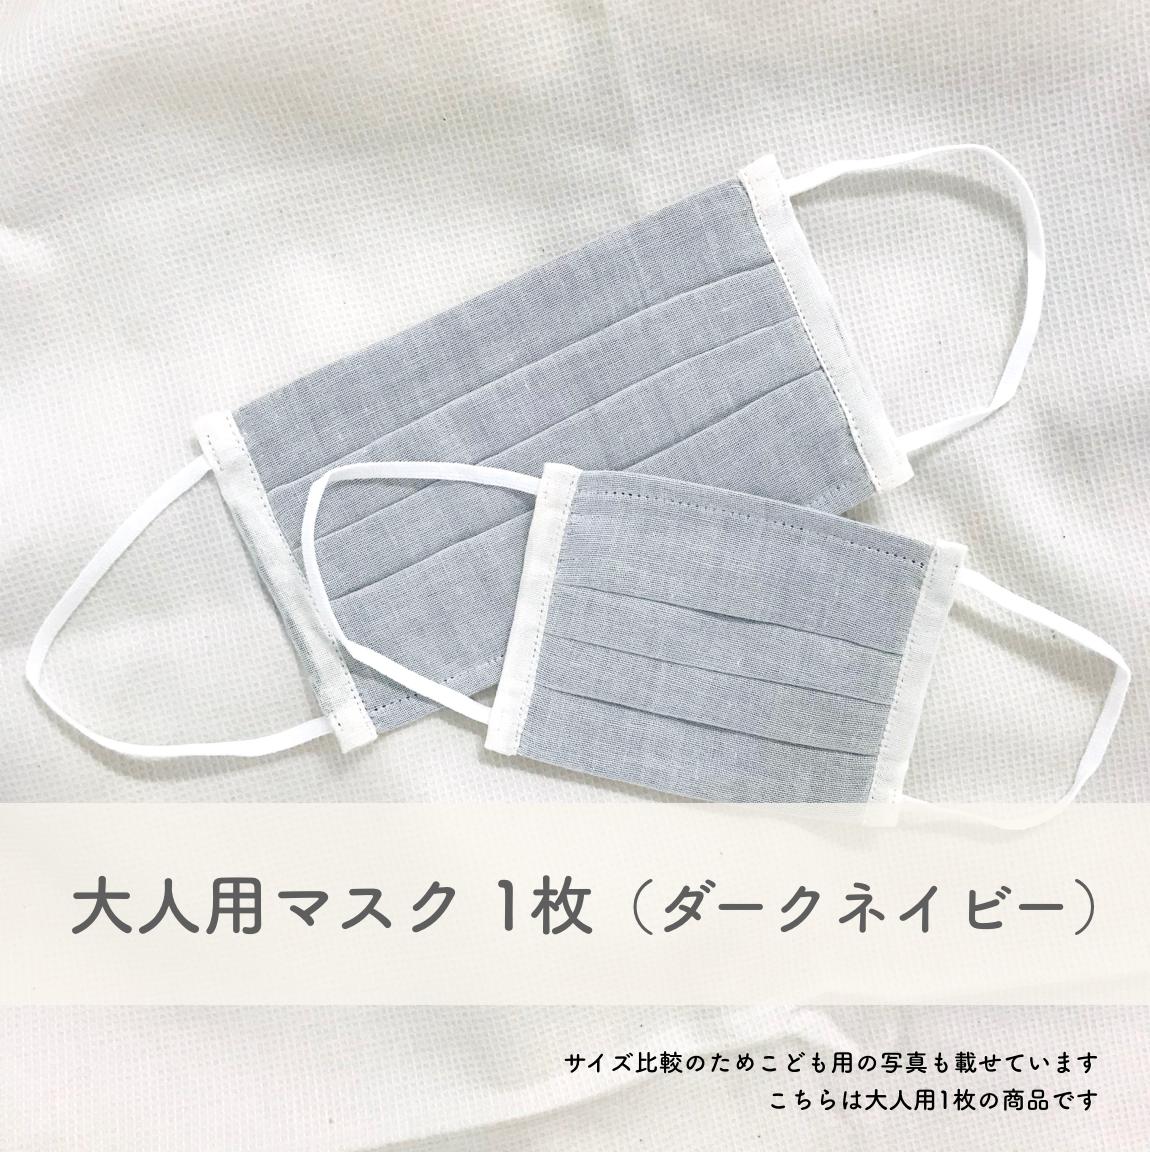 SOLD OUT【限定数 / 送料無料】LUCYオリジナルオーガニックコットンマスク(ダークネイビー)